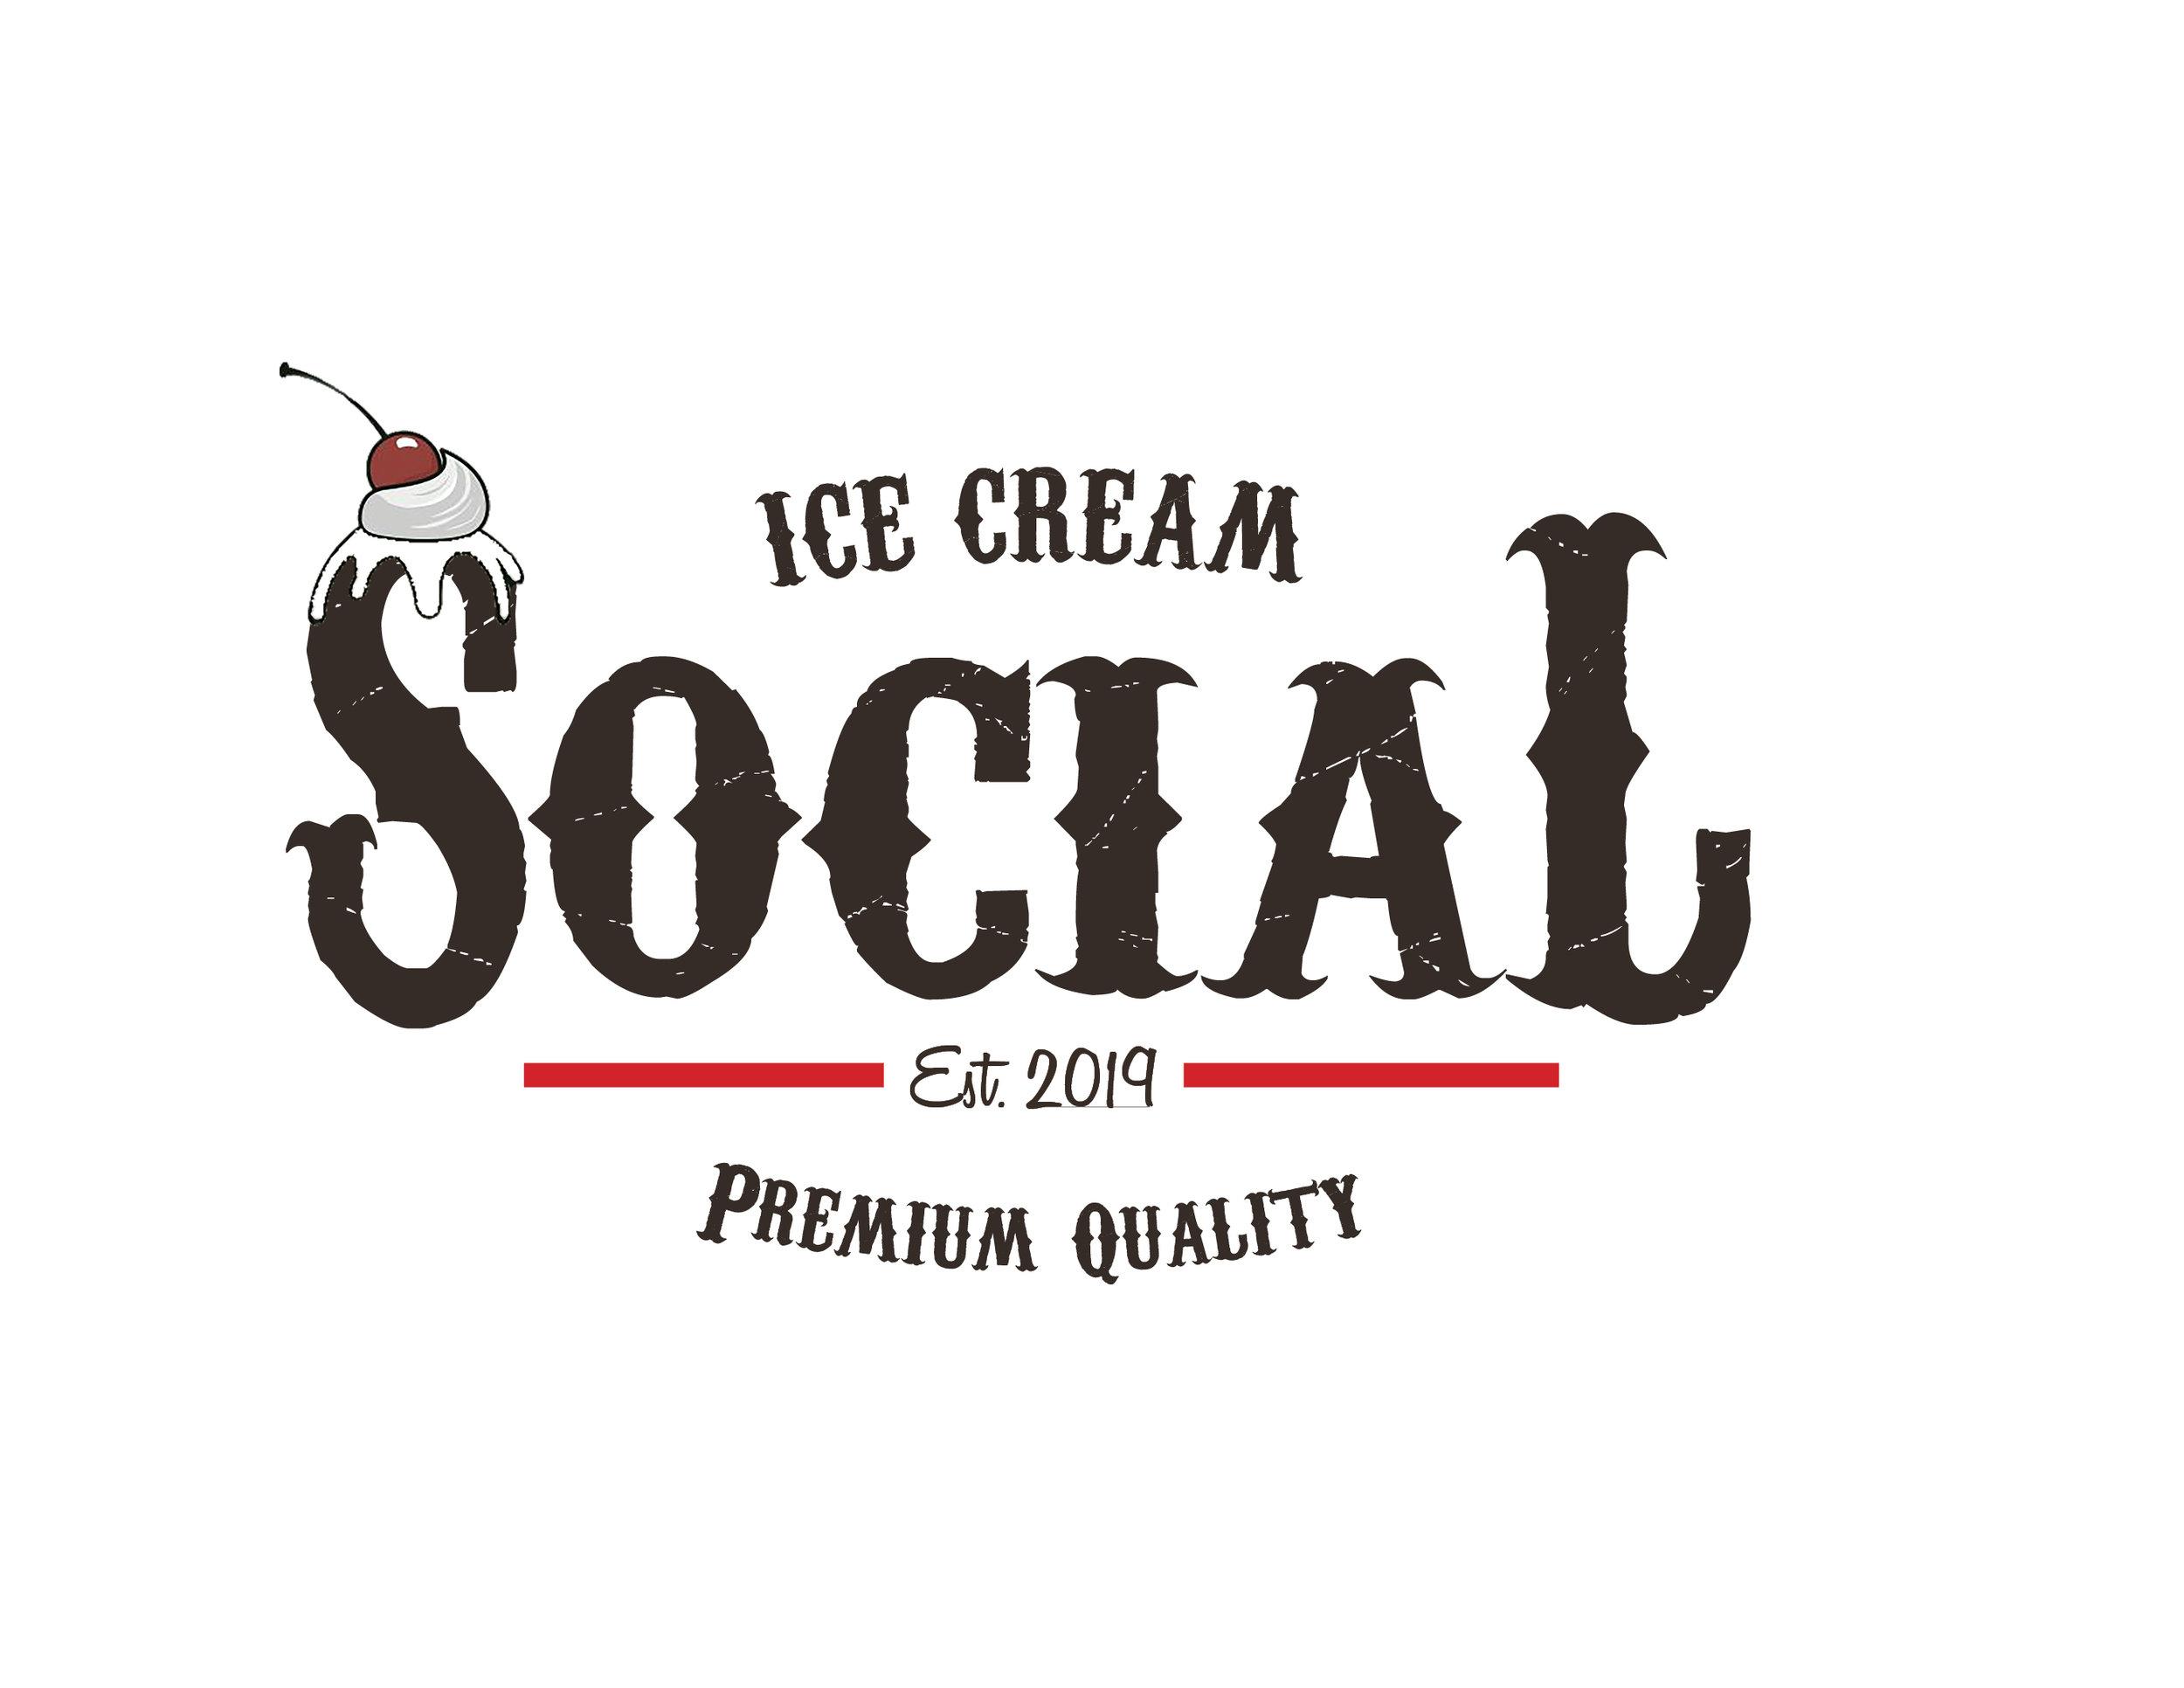 ice cream social logo for Journal.jpg